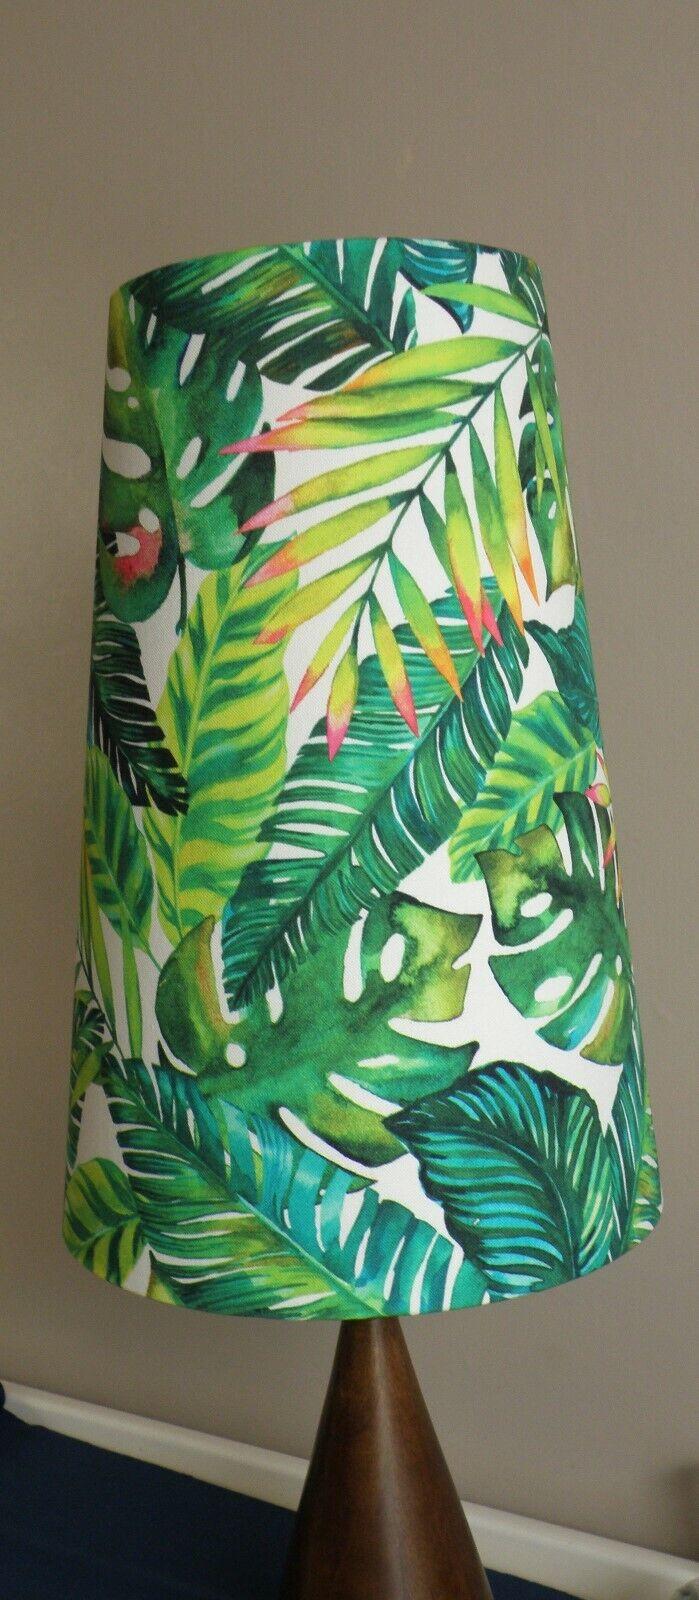 acquista online oggi Fatto a a a Mano Tropicale Palma botanico verde tessuto Tall Cono Paralume-Alto 42cm  varie dimensioni